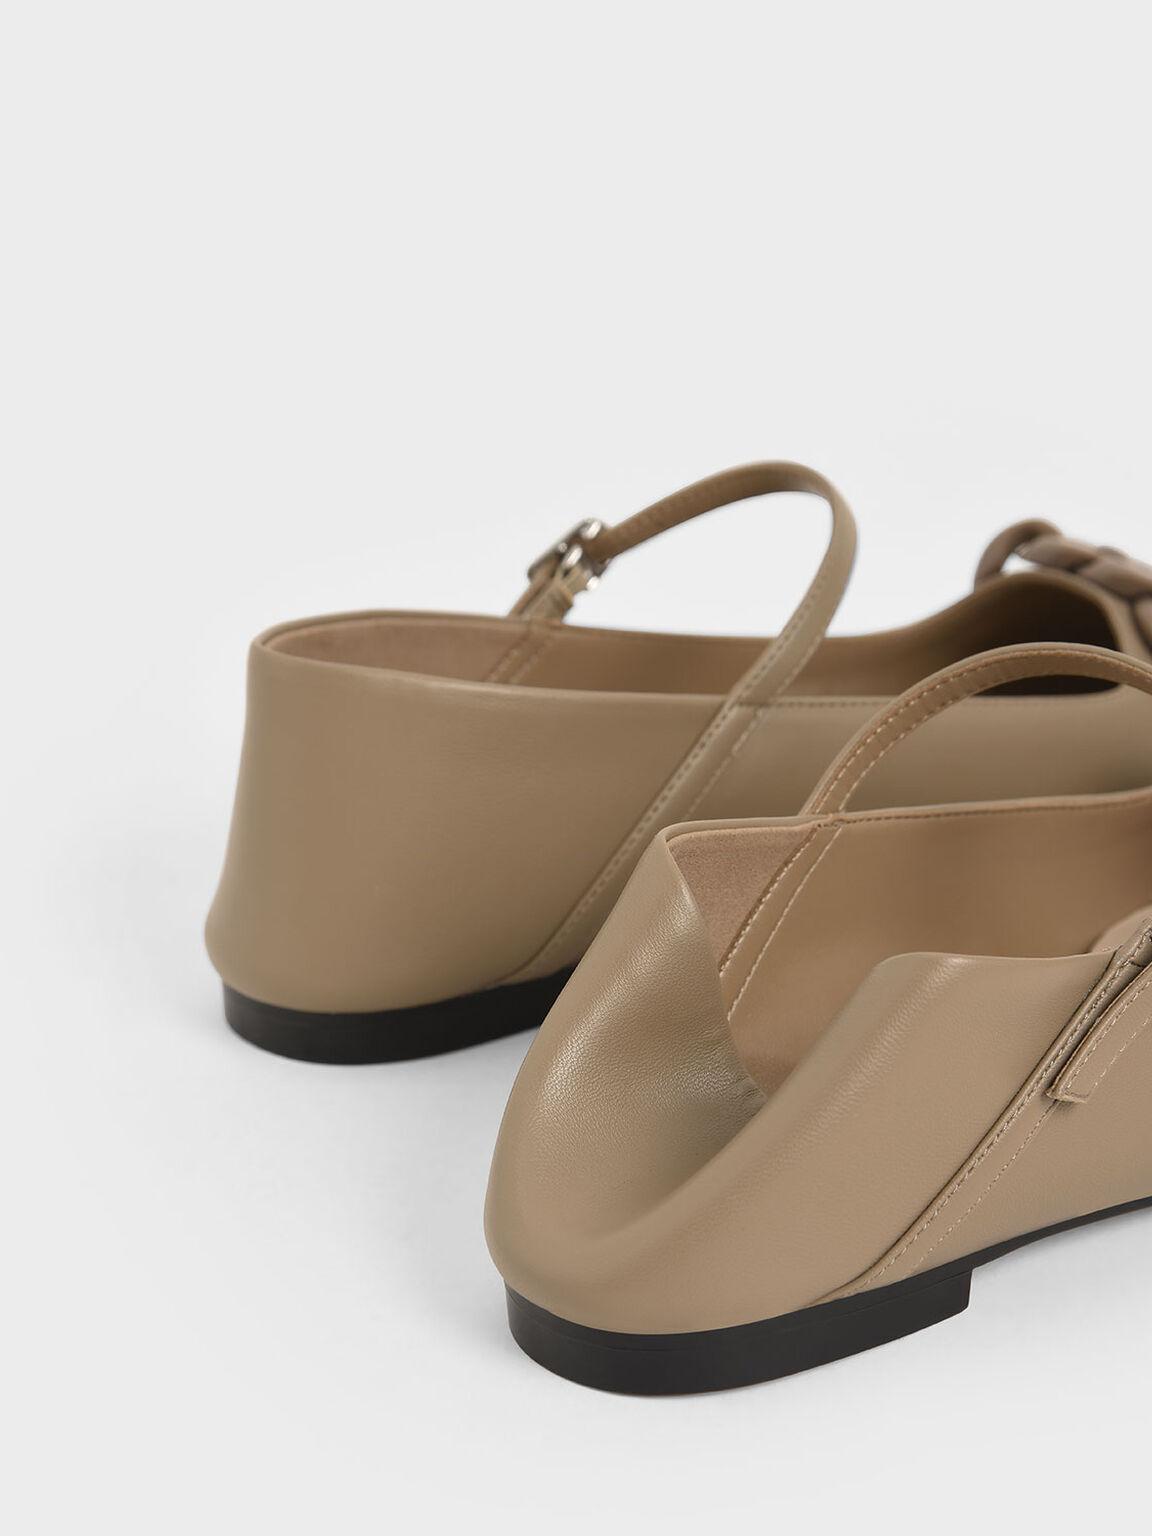 編織帶瑪莉珍鞋, 灰褐色, hi-res